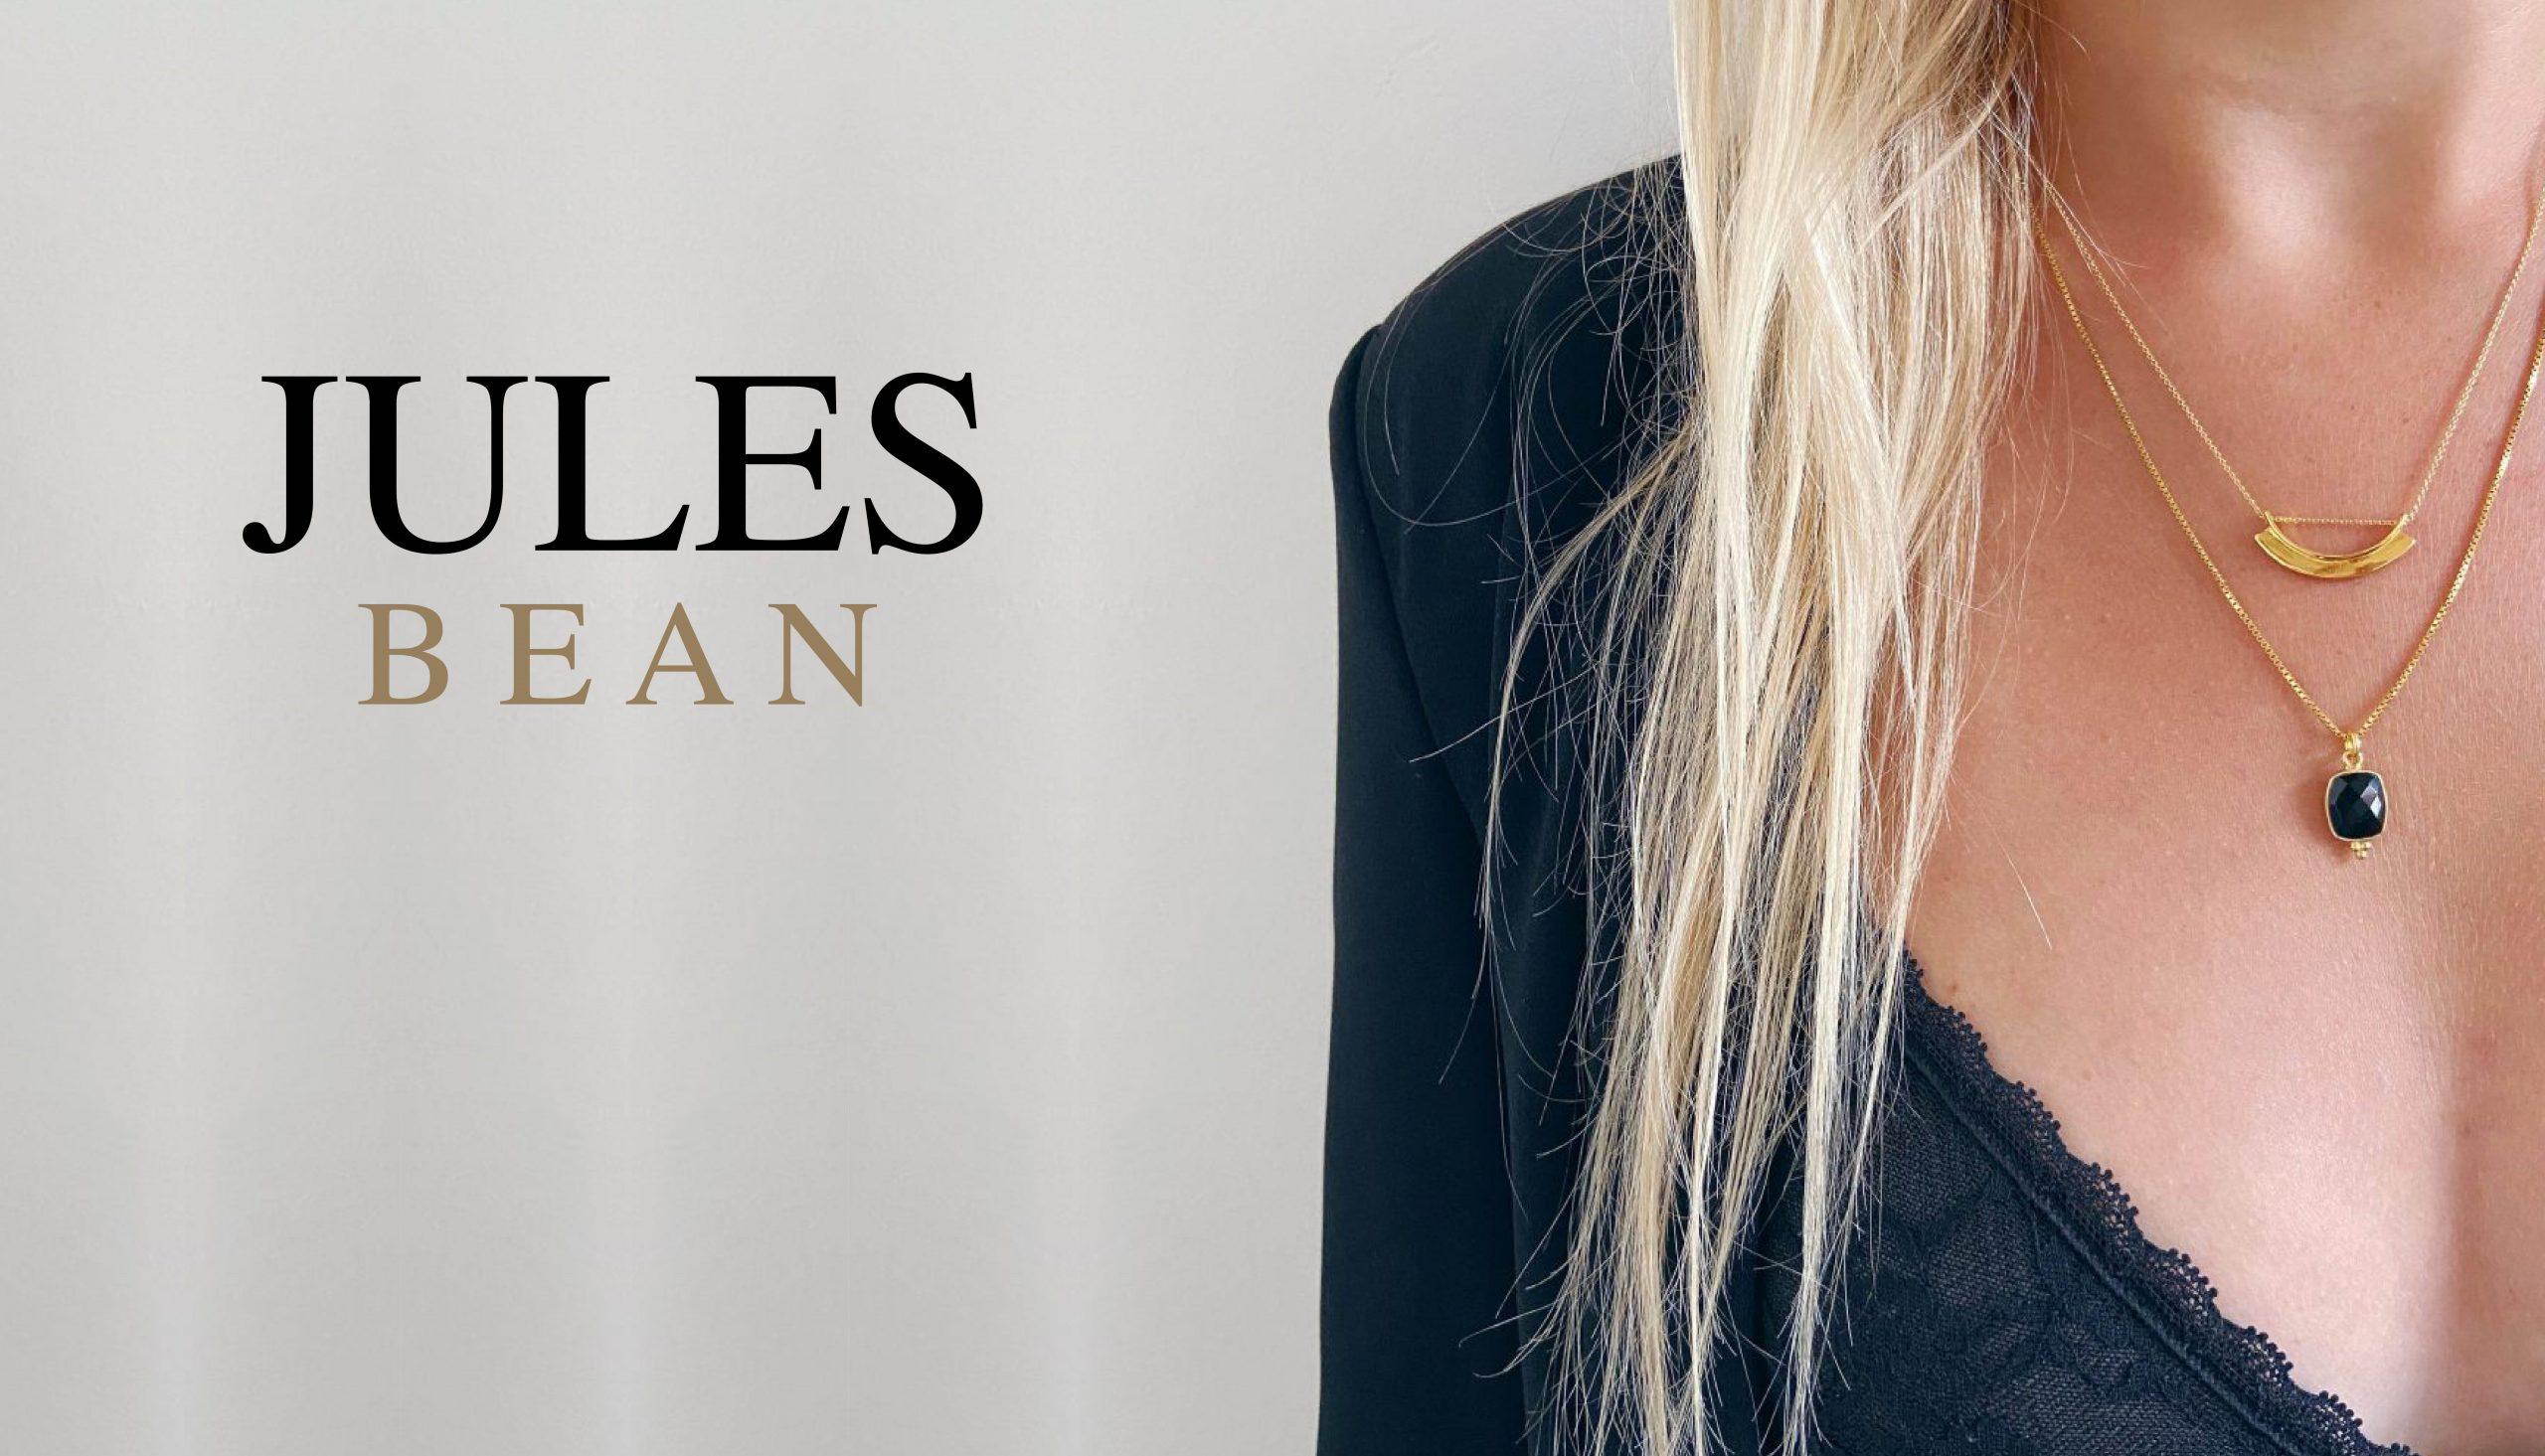 jules bean banner